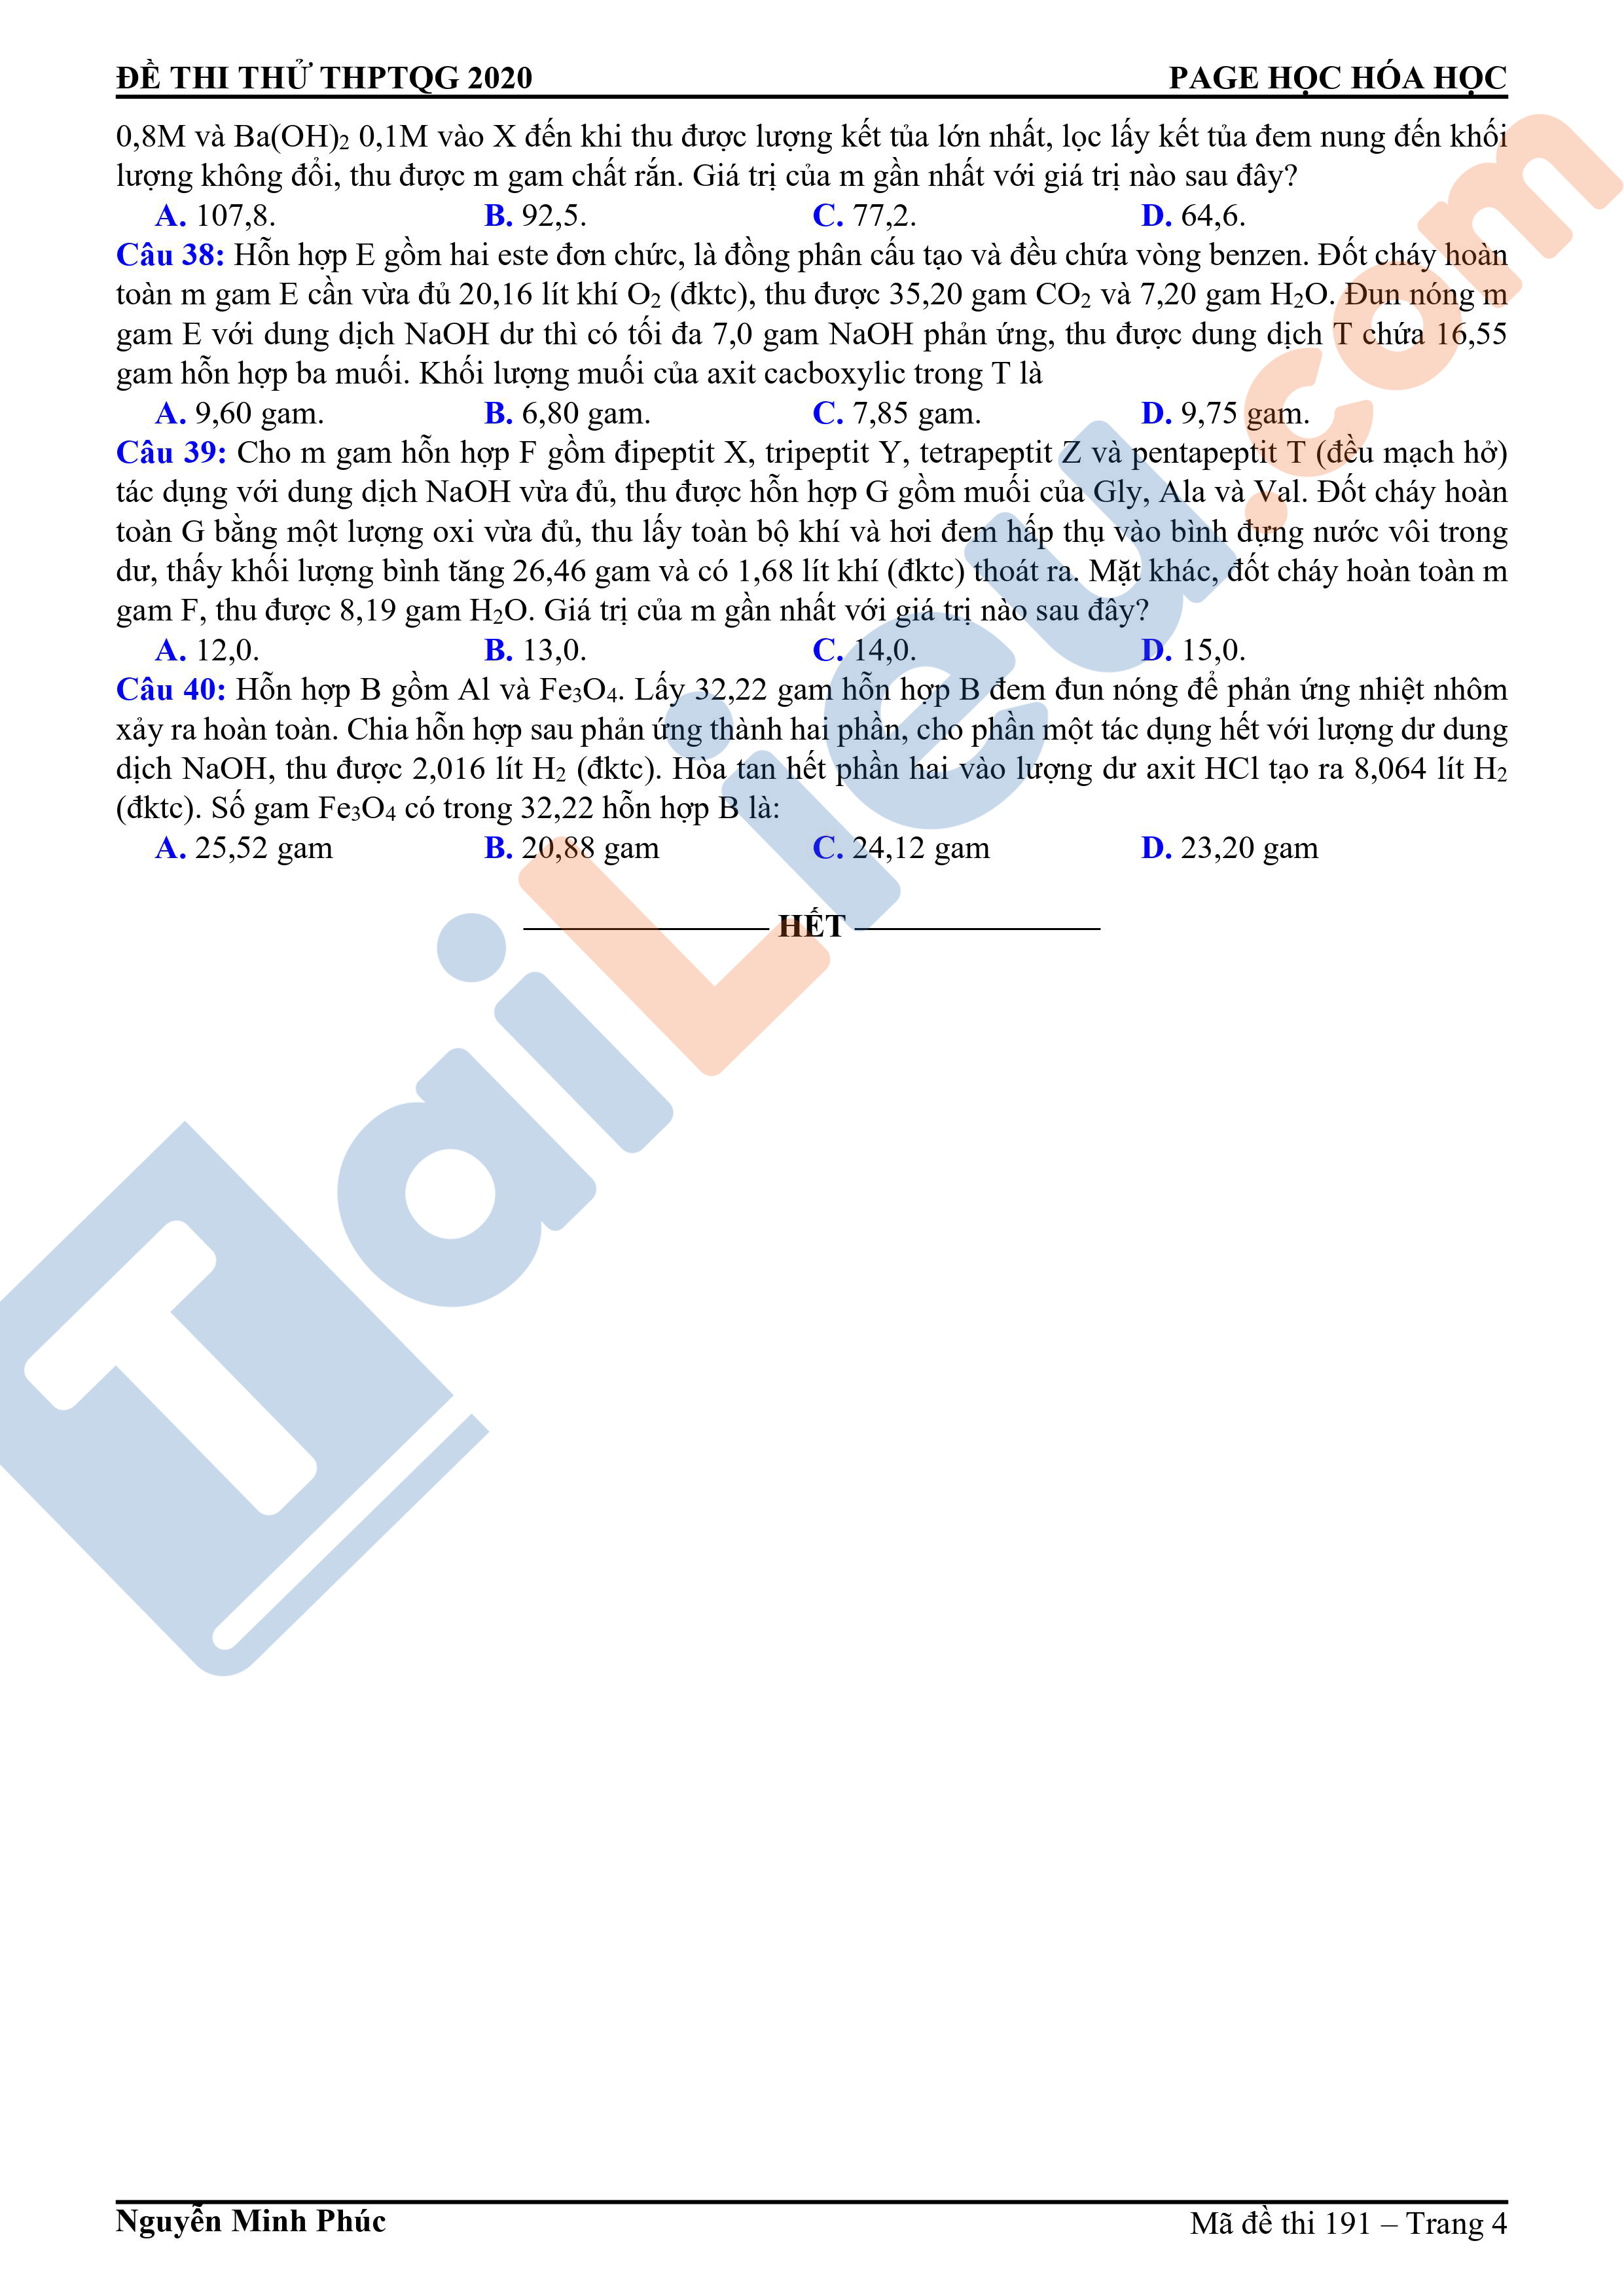 Đề thi thử THPT Quốc Gia 2020 môn Hóa THPT Chuyên KHTN Hà Nội lần 2 (có đáp án)